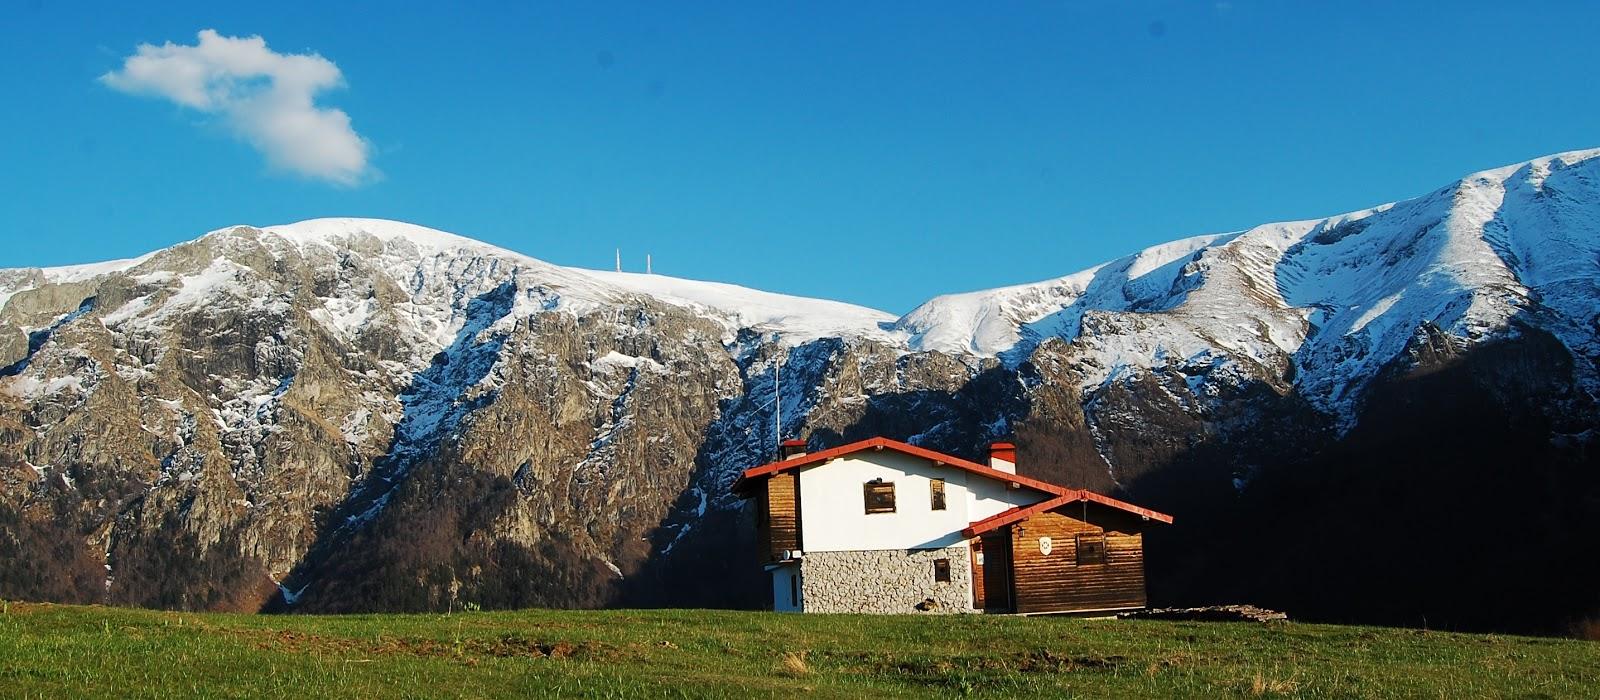 Pleven Hut